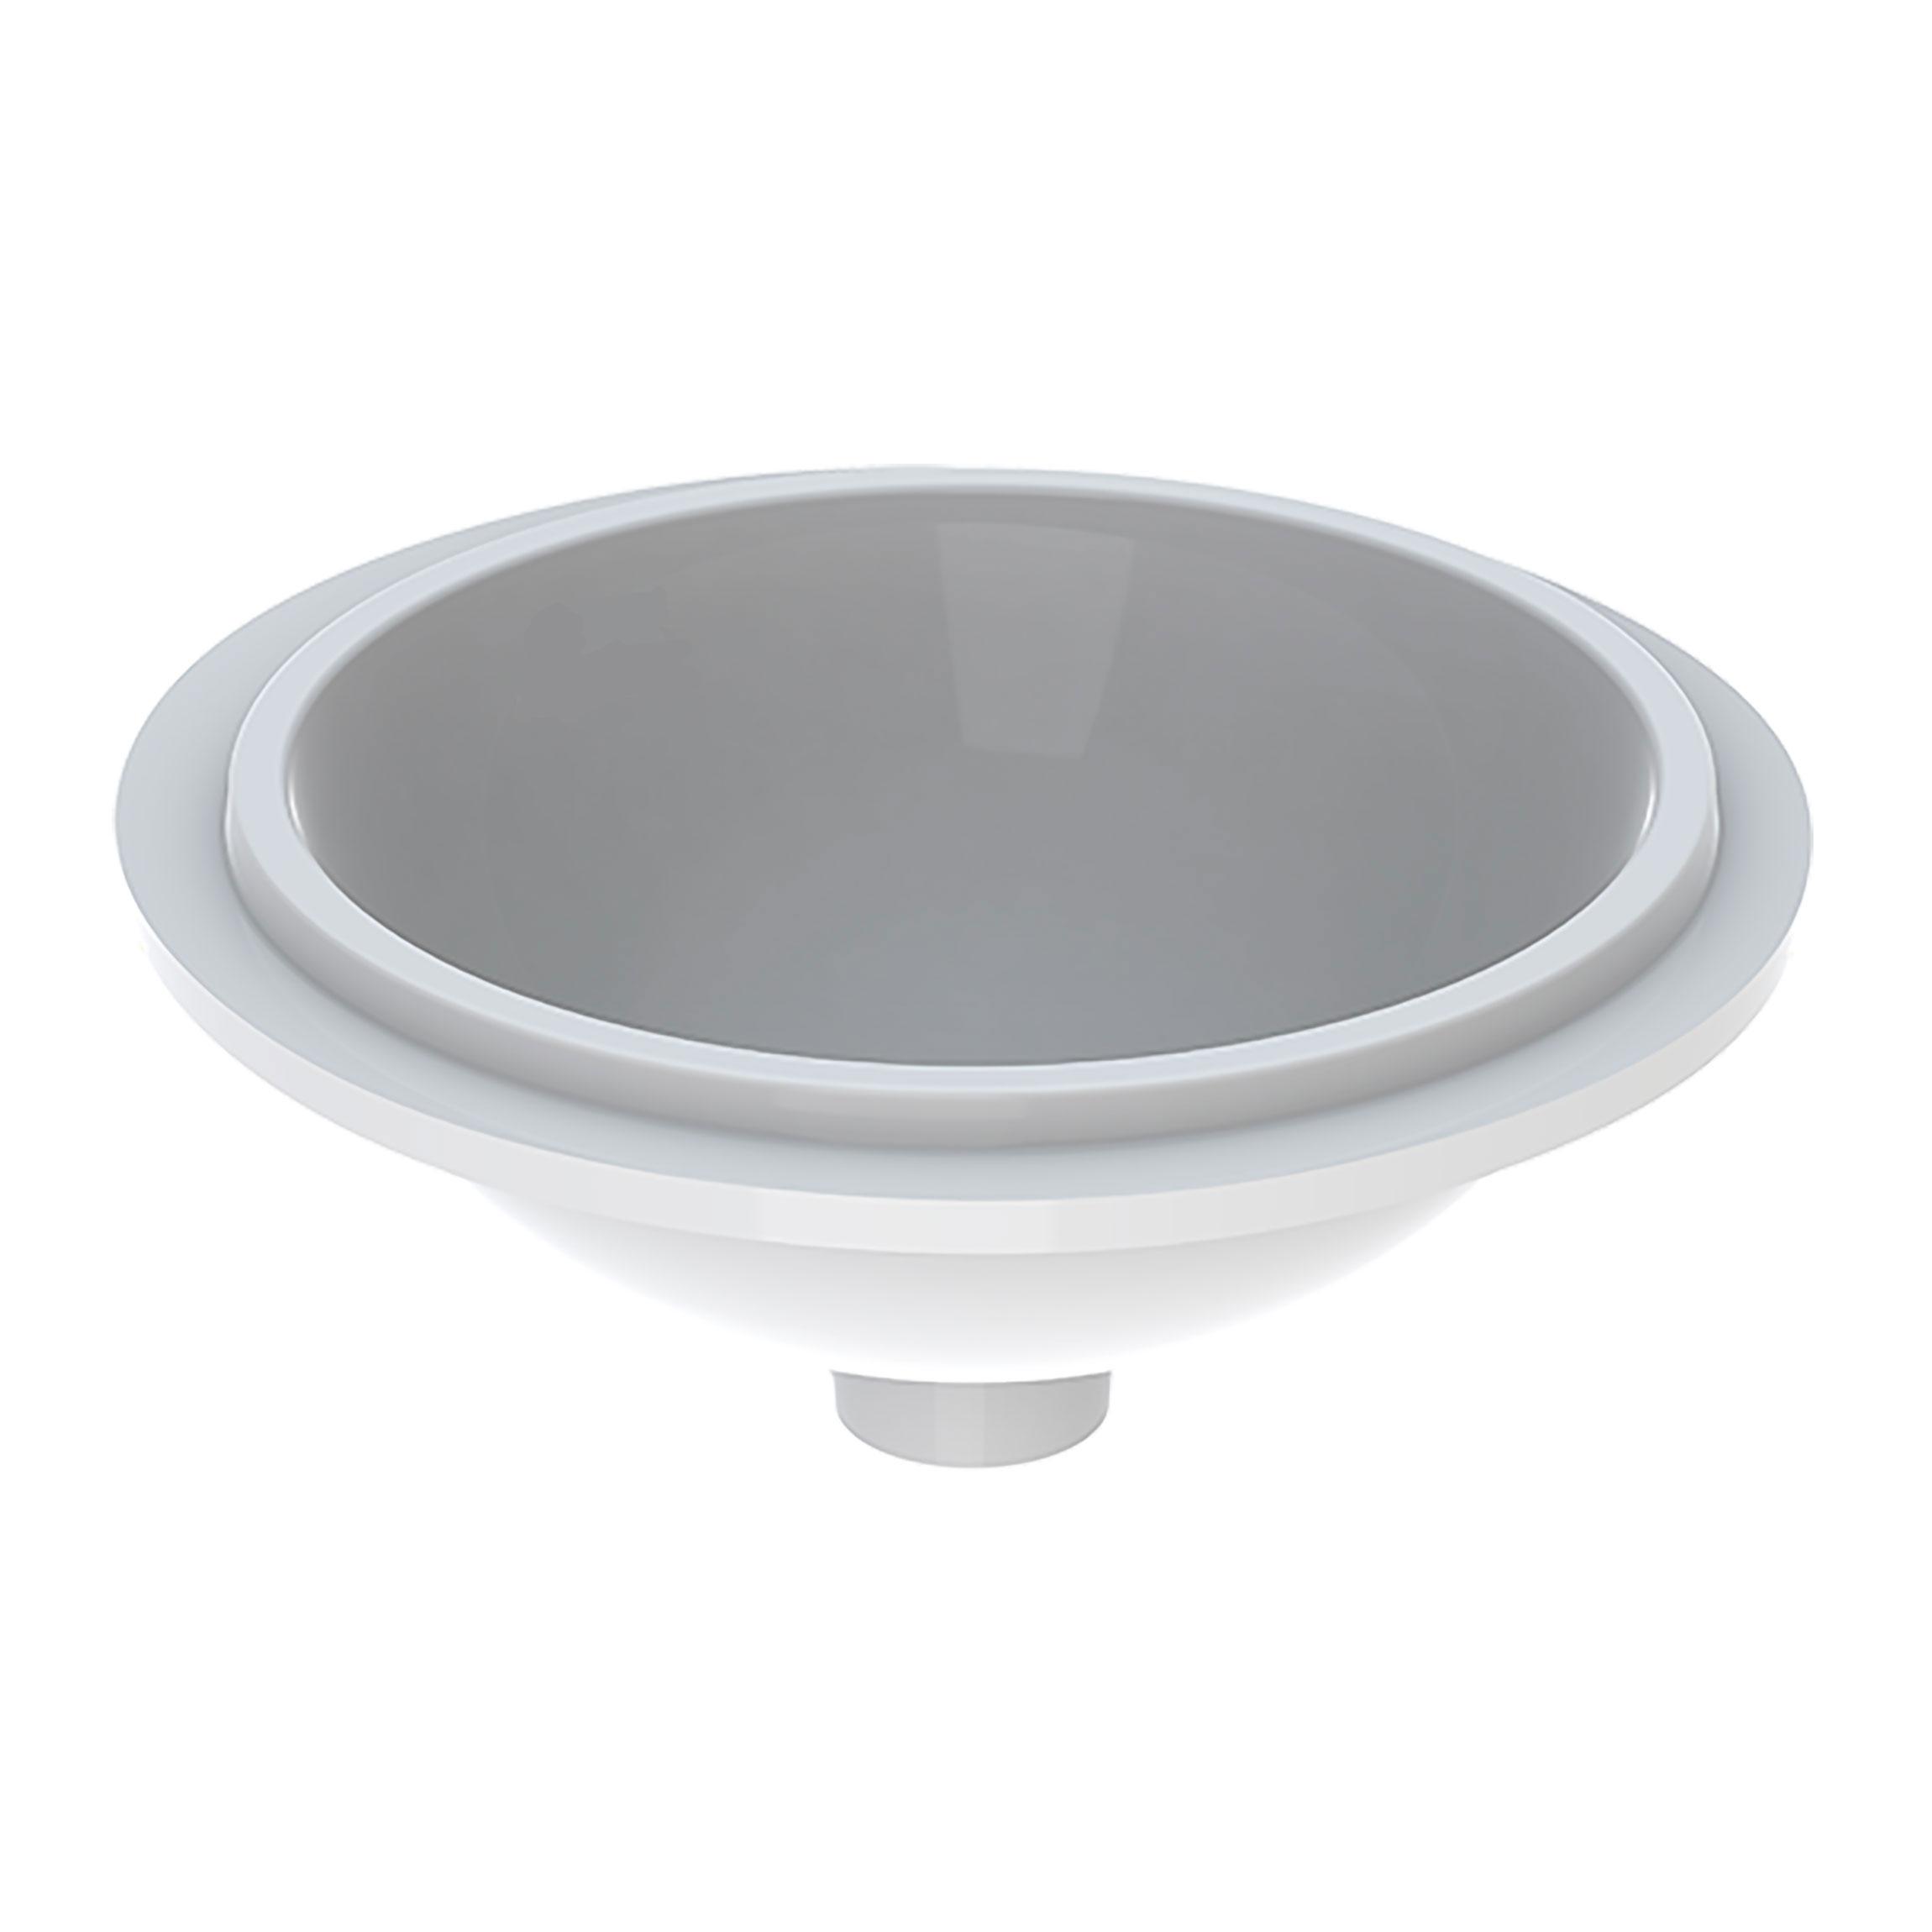 Tvättställ Ifö Variform 330 mm för underlimning Runt